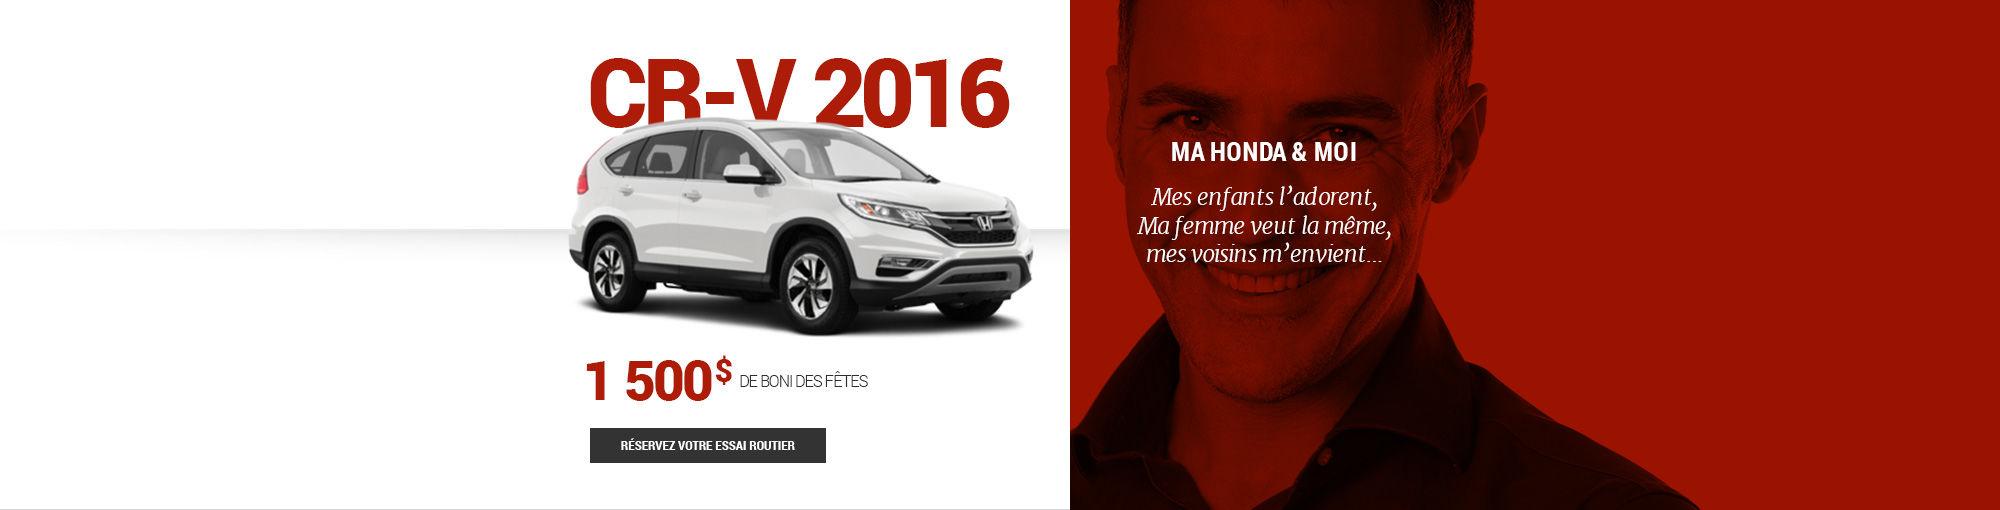 CR-V 2016 - DÉCEMBRE 2016